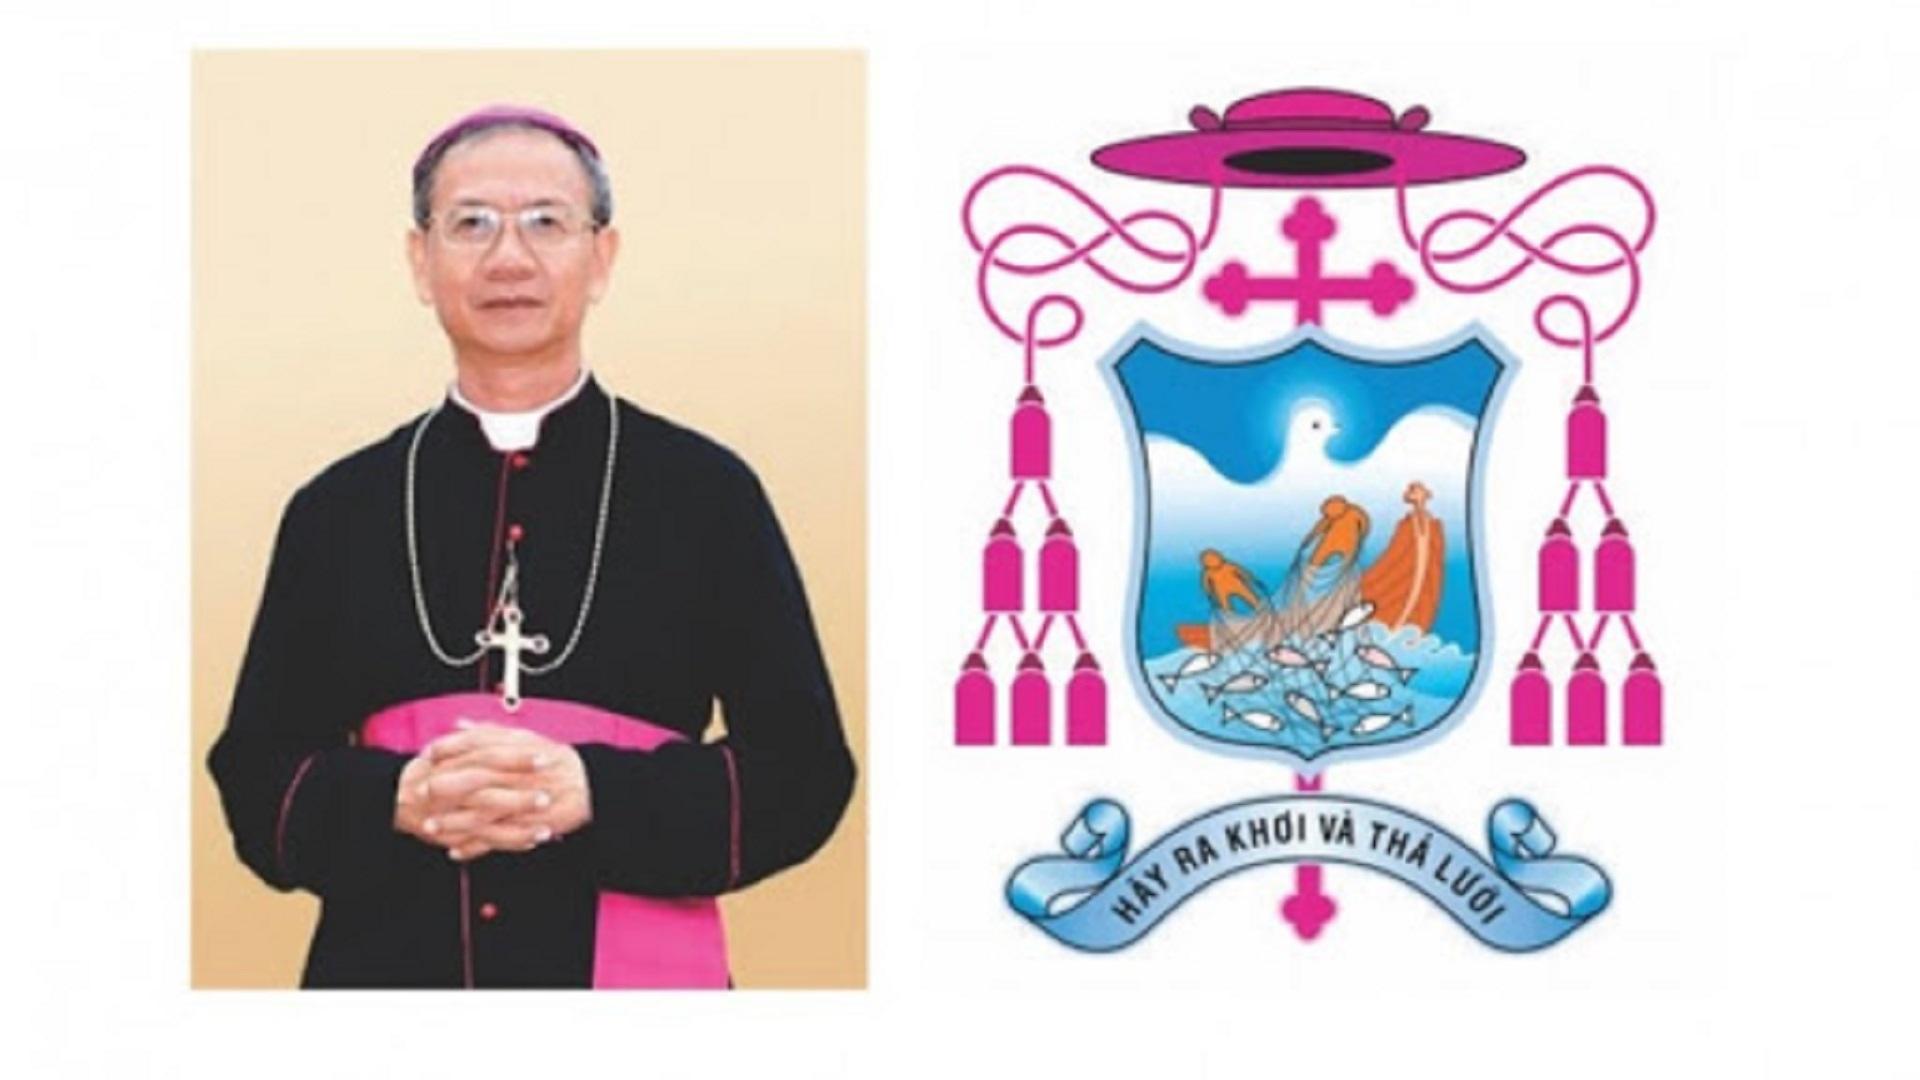 Thư gửi anh chị em giáo chức Công giáo nhân Ngày Nhà giáo Việt Nam 20-11-2020